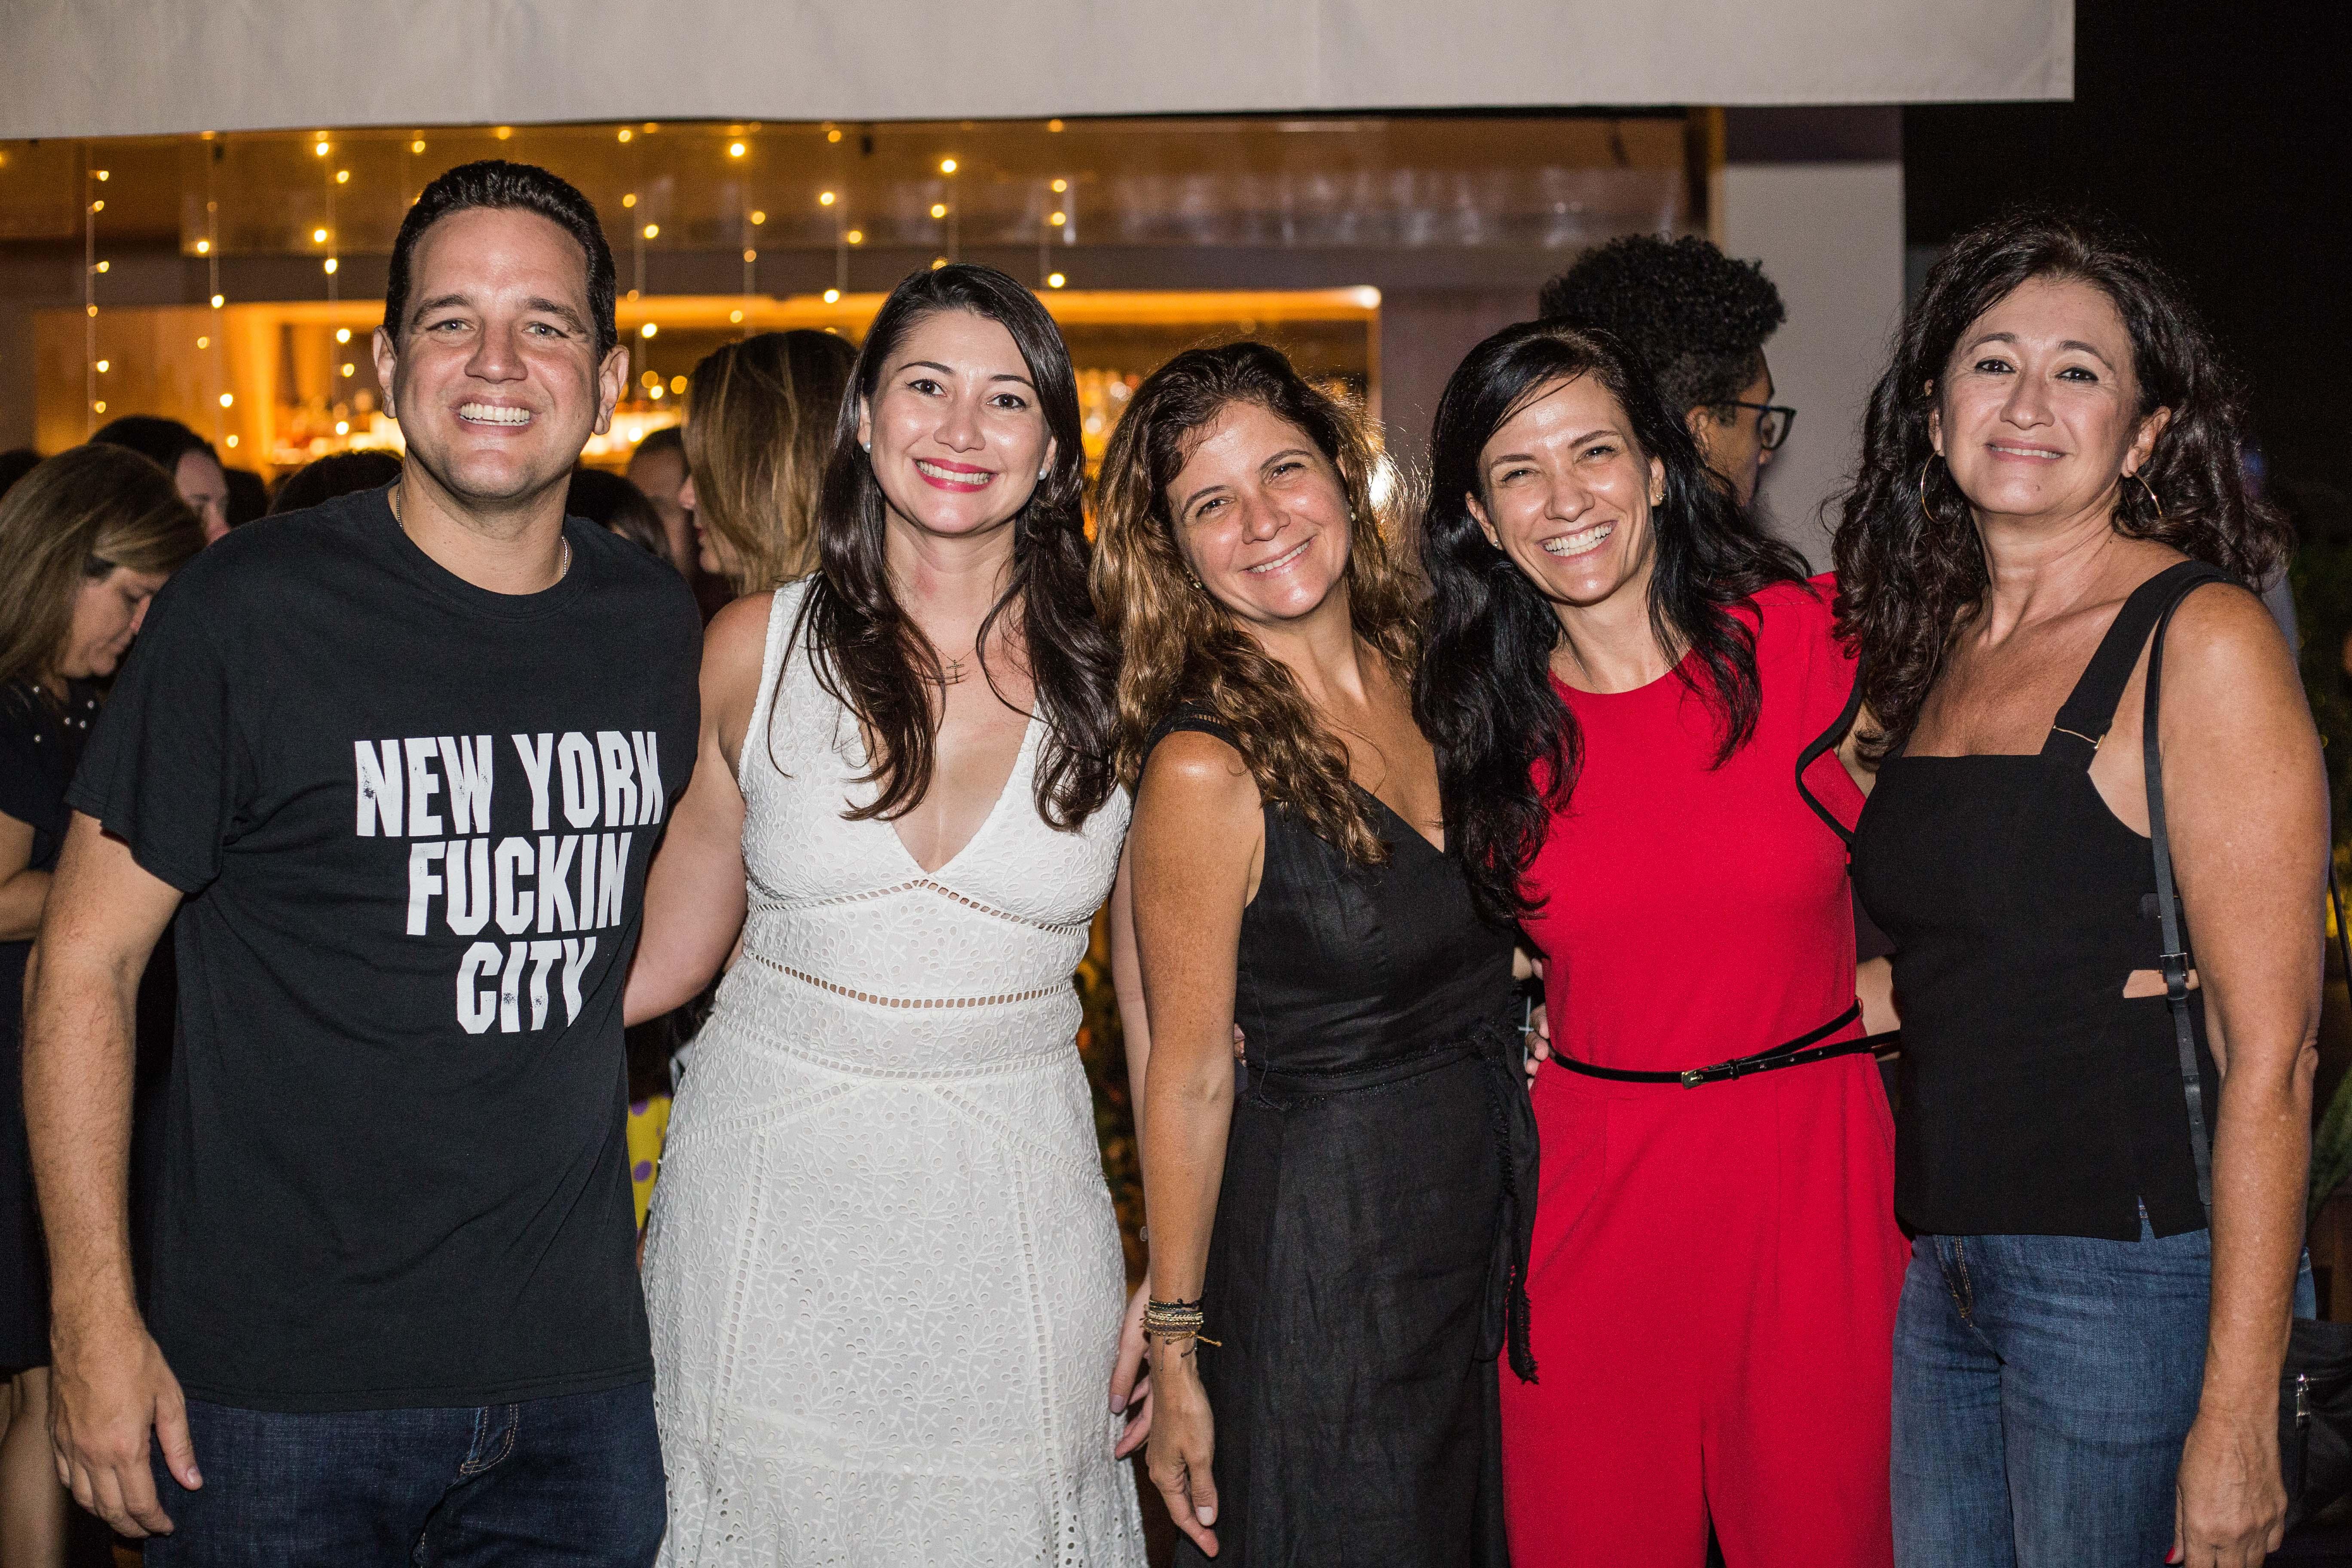 Kiko Silva, Cissa Zanchet, Claudia e Cris Visnevski e Eliane Zanchet.